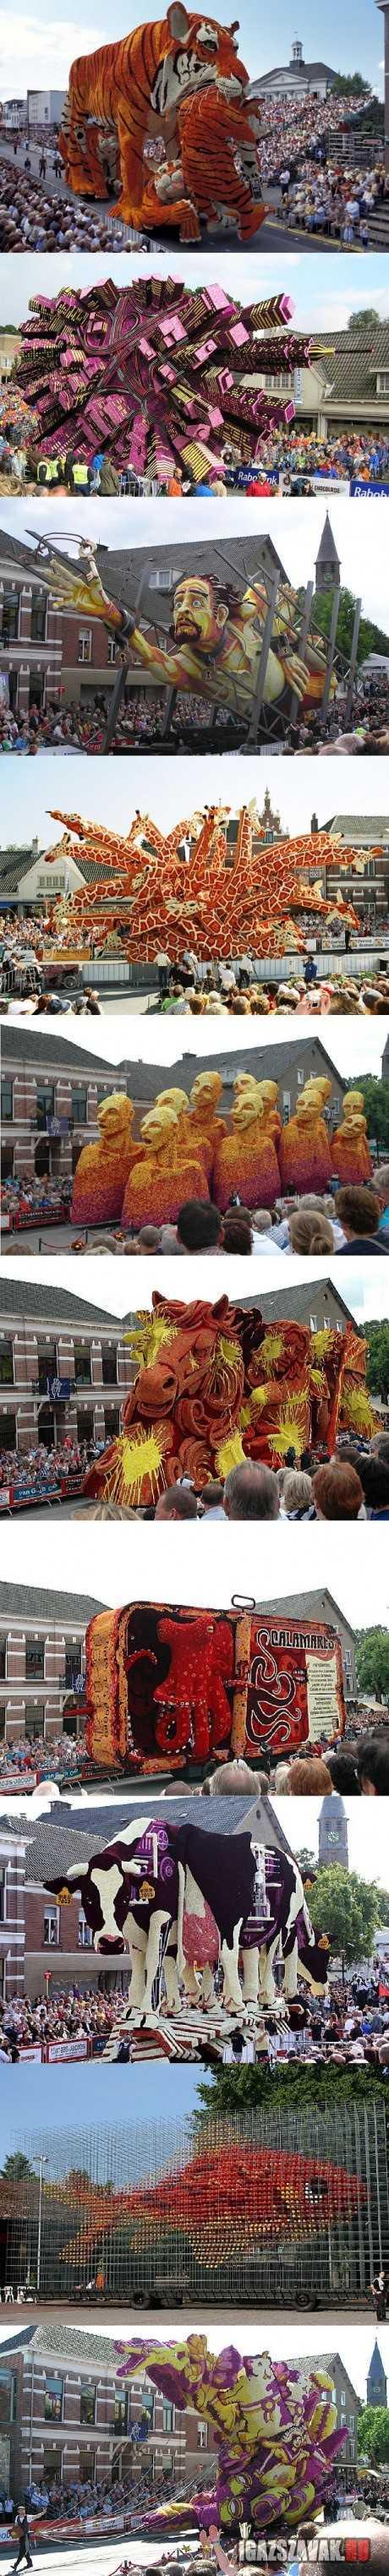 vírágkarneváll hollandiában